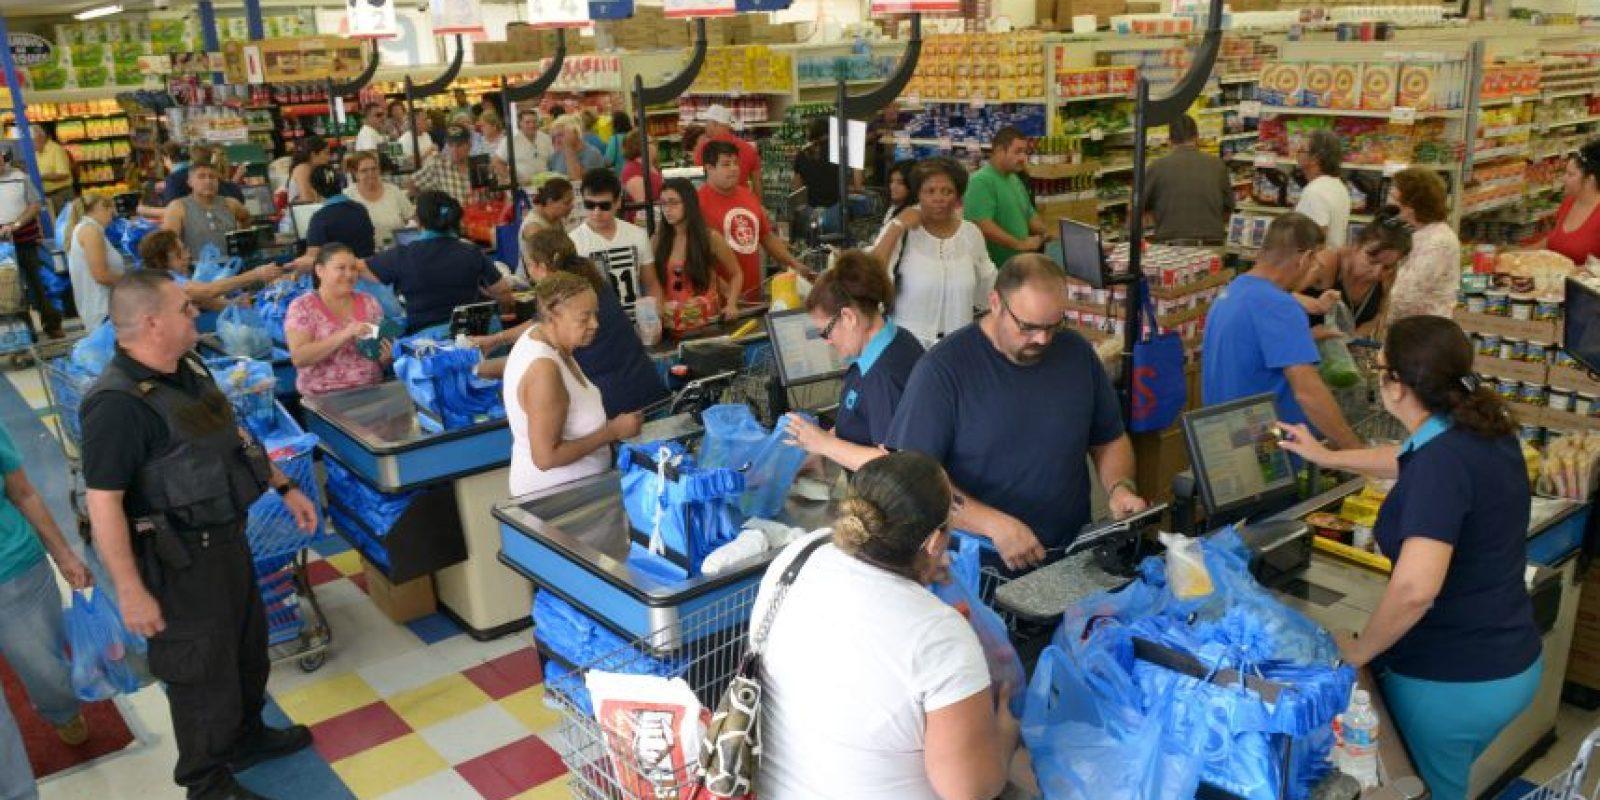 Habitantes de la ciudad de Miami (FL. EE.UU), se preparan hoy, miércoles 5, para la llegada del huracán Matthew comprando agua, alimentos, tablas y combustibles. Foto:EFE/GIORGIO VIERA